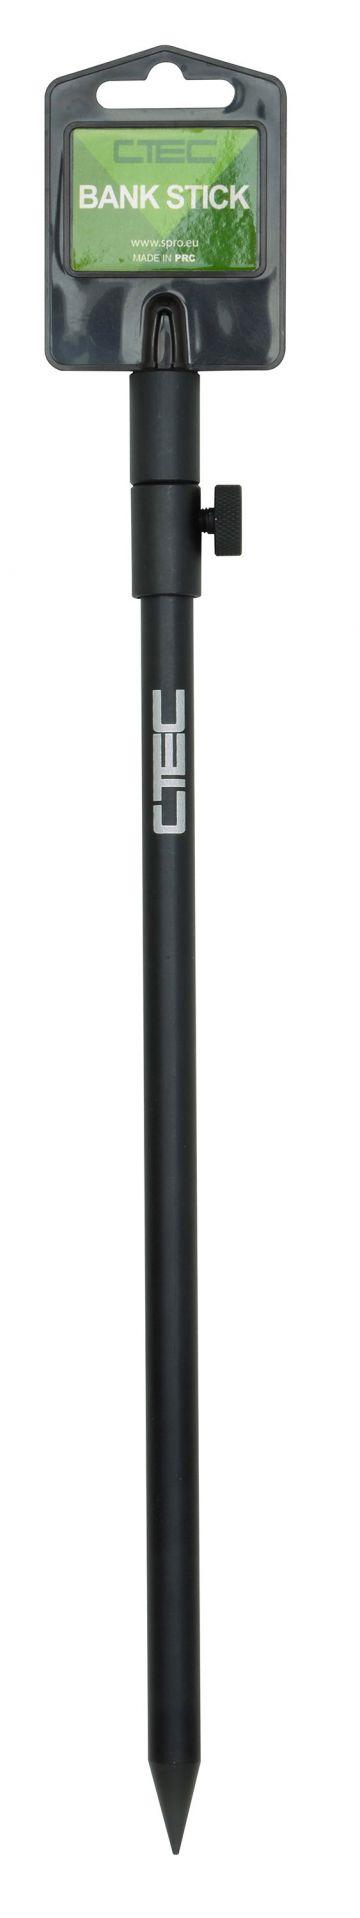 Strategy Matt Black Bankstick zwart bankstick 50-90cm